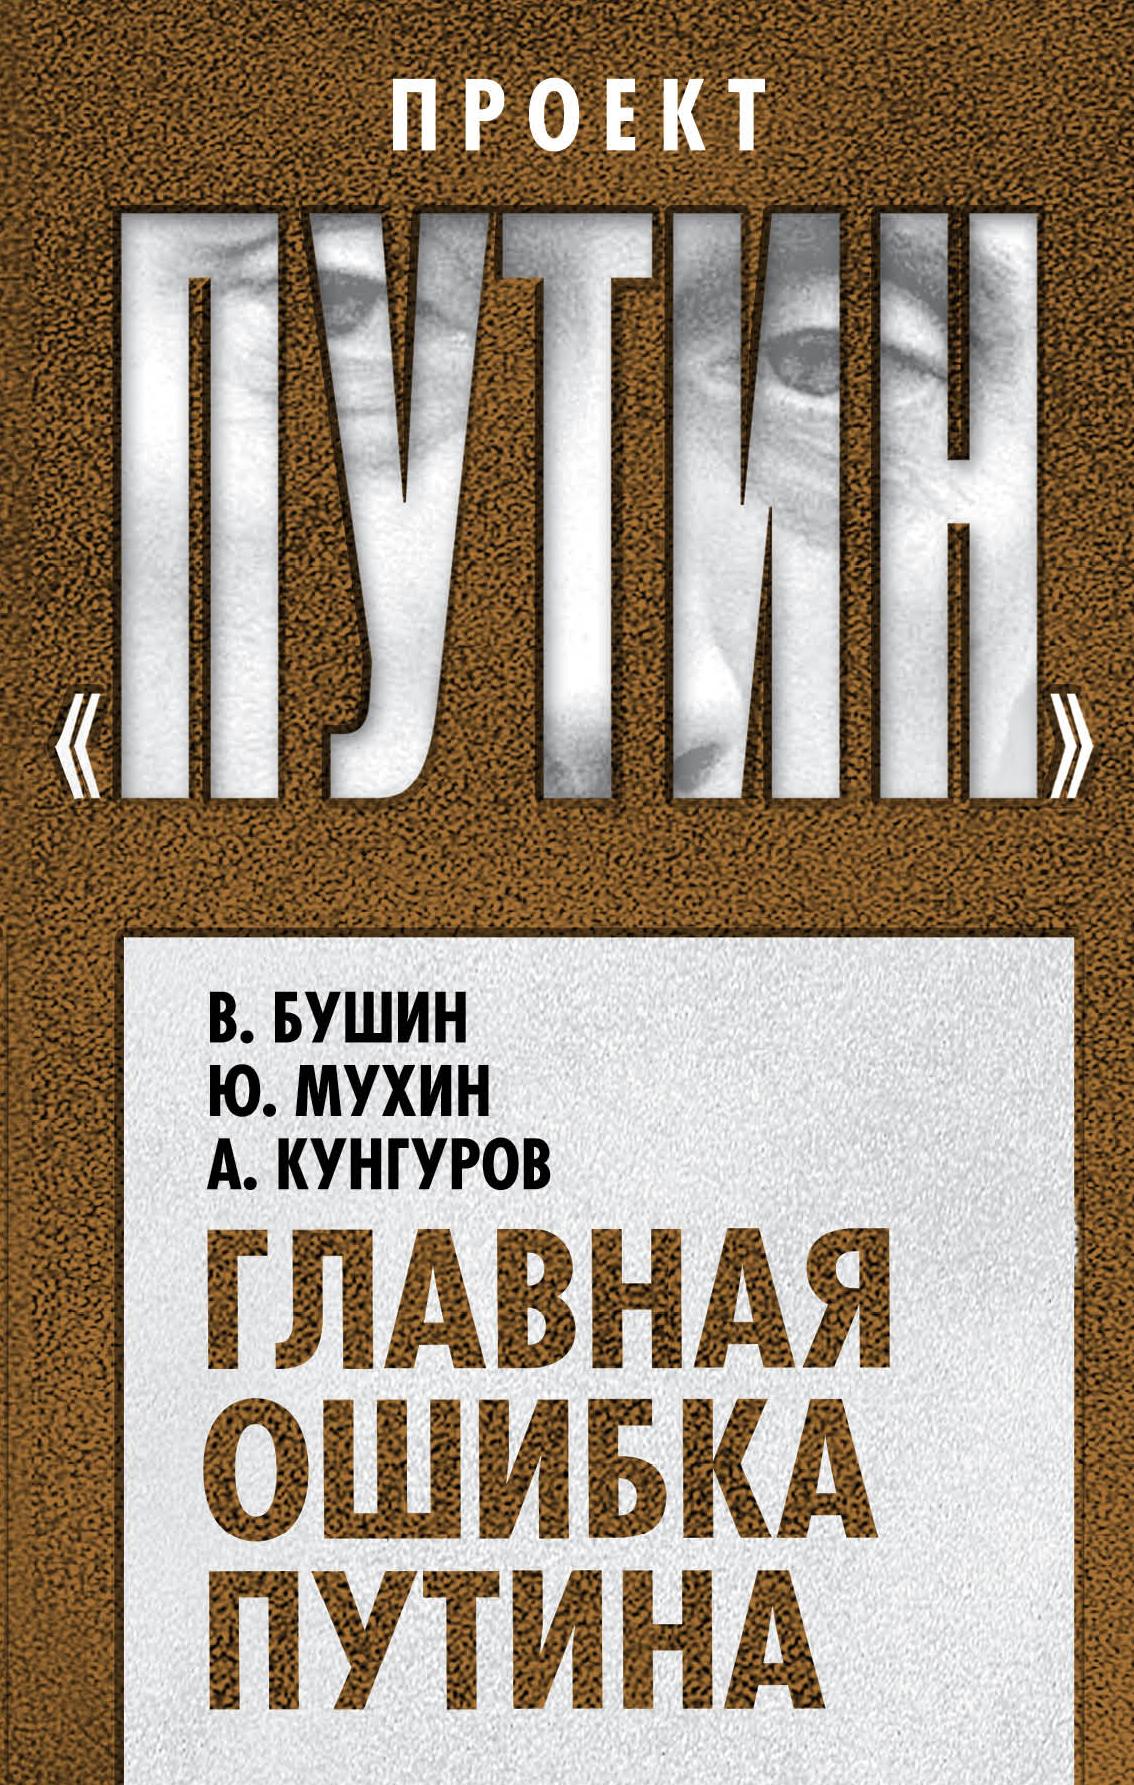 Юрий Мухин Главная ошибка Путина эксмо ошибка президента путина